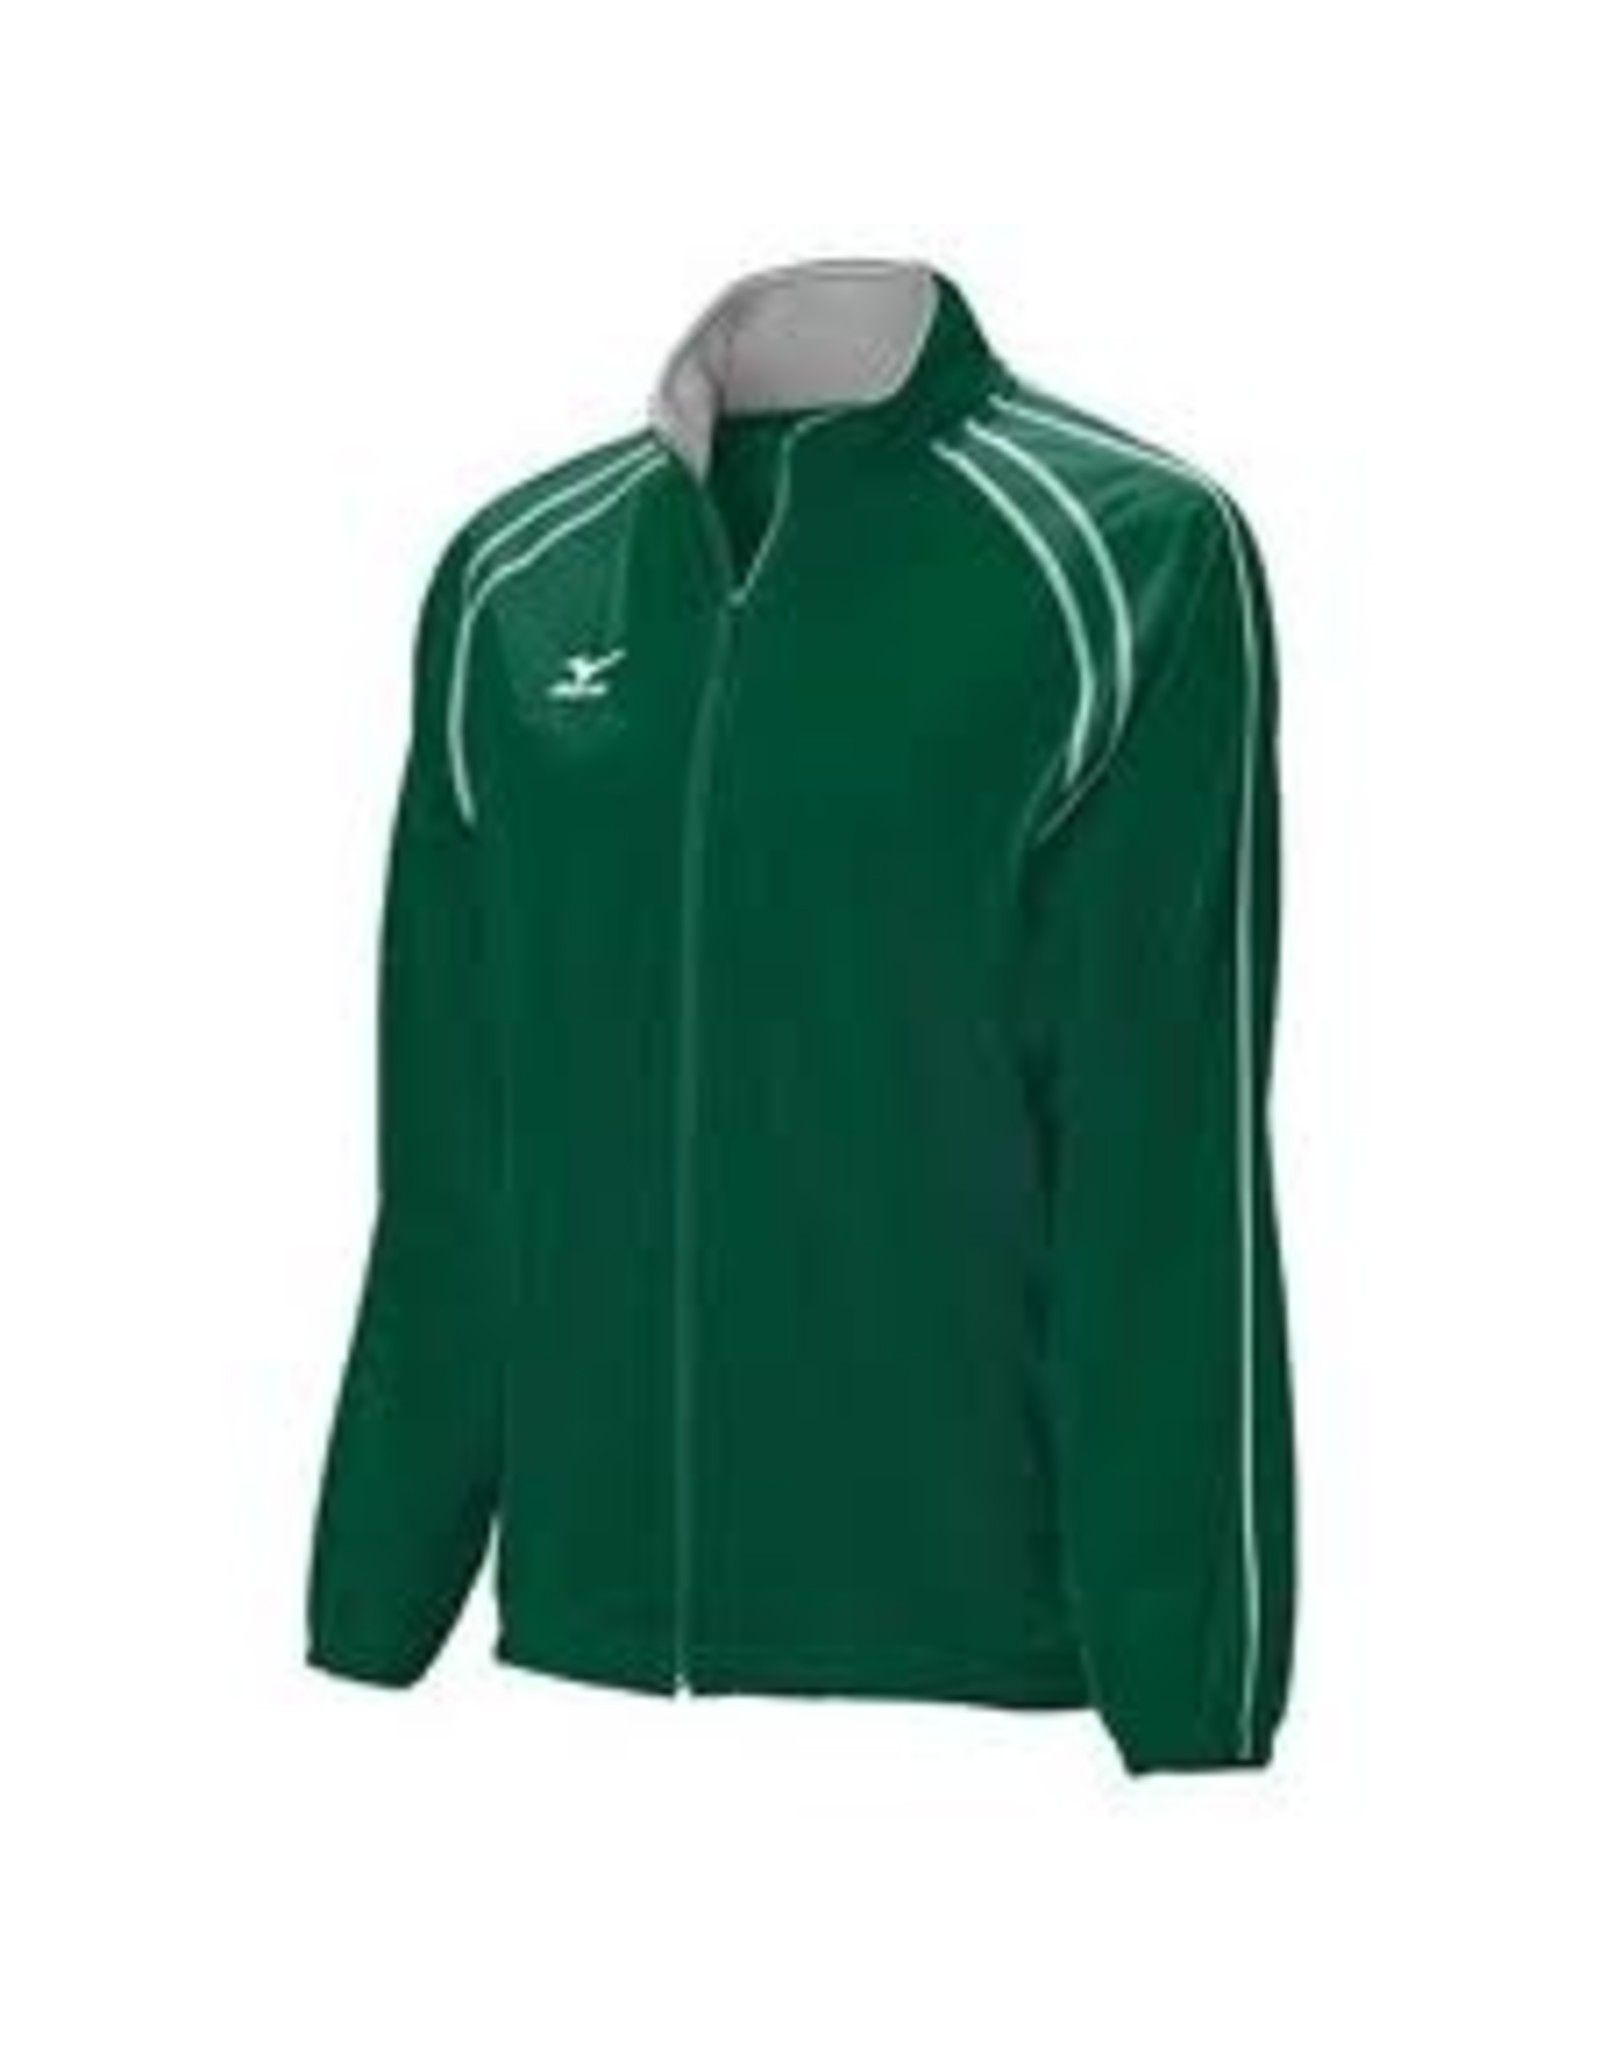 Mizuno Team II Women's Track Jacket Full Zip - Discontinued